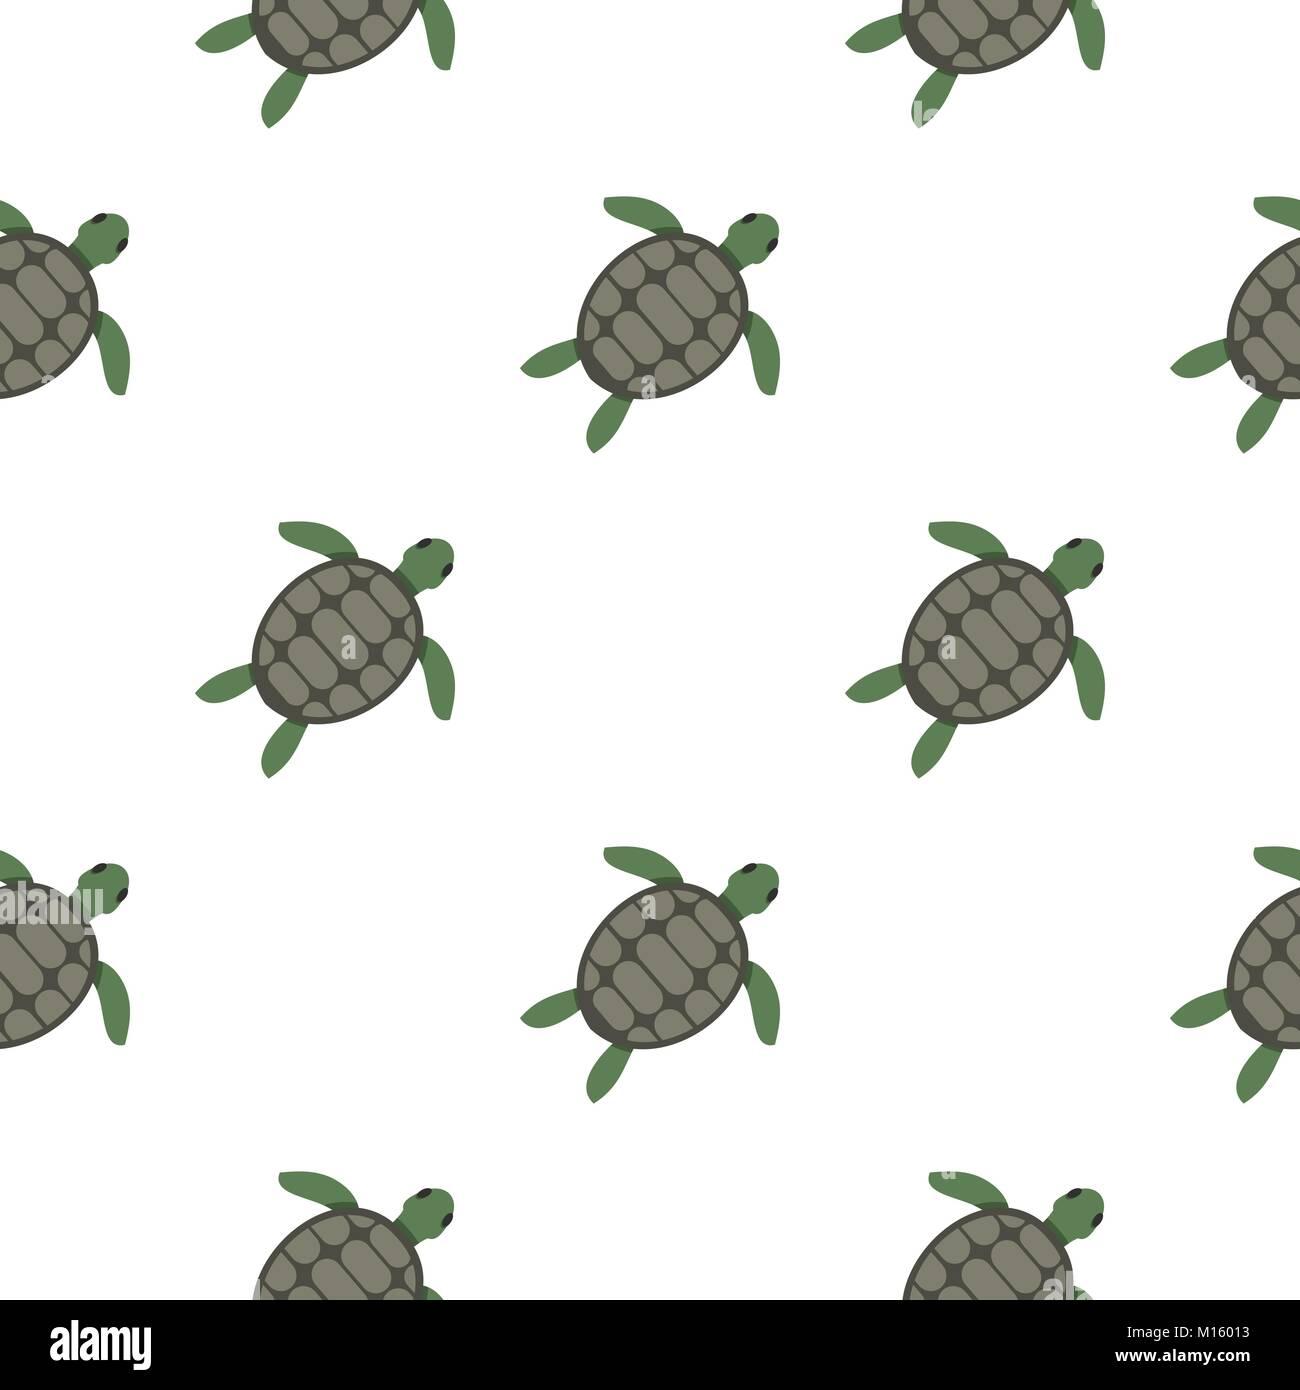 Fantastisch Meeresschildkröte Vorlage Zeitgenössisch - Entry Level ...